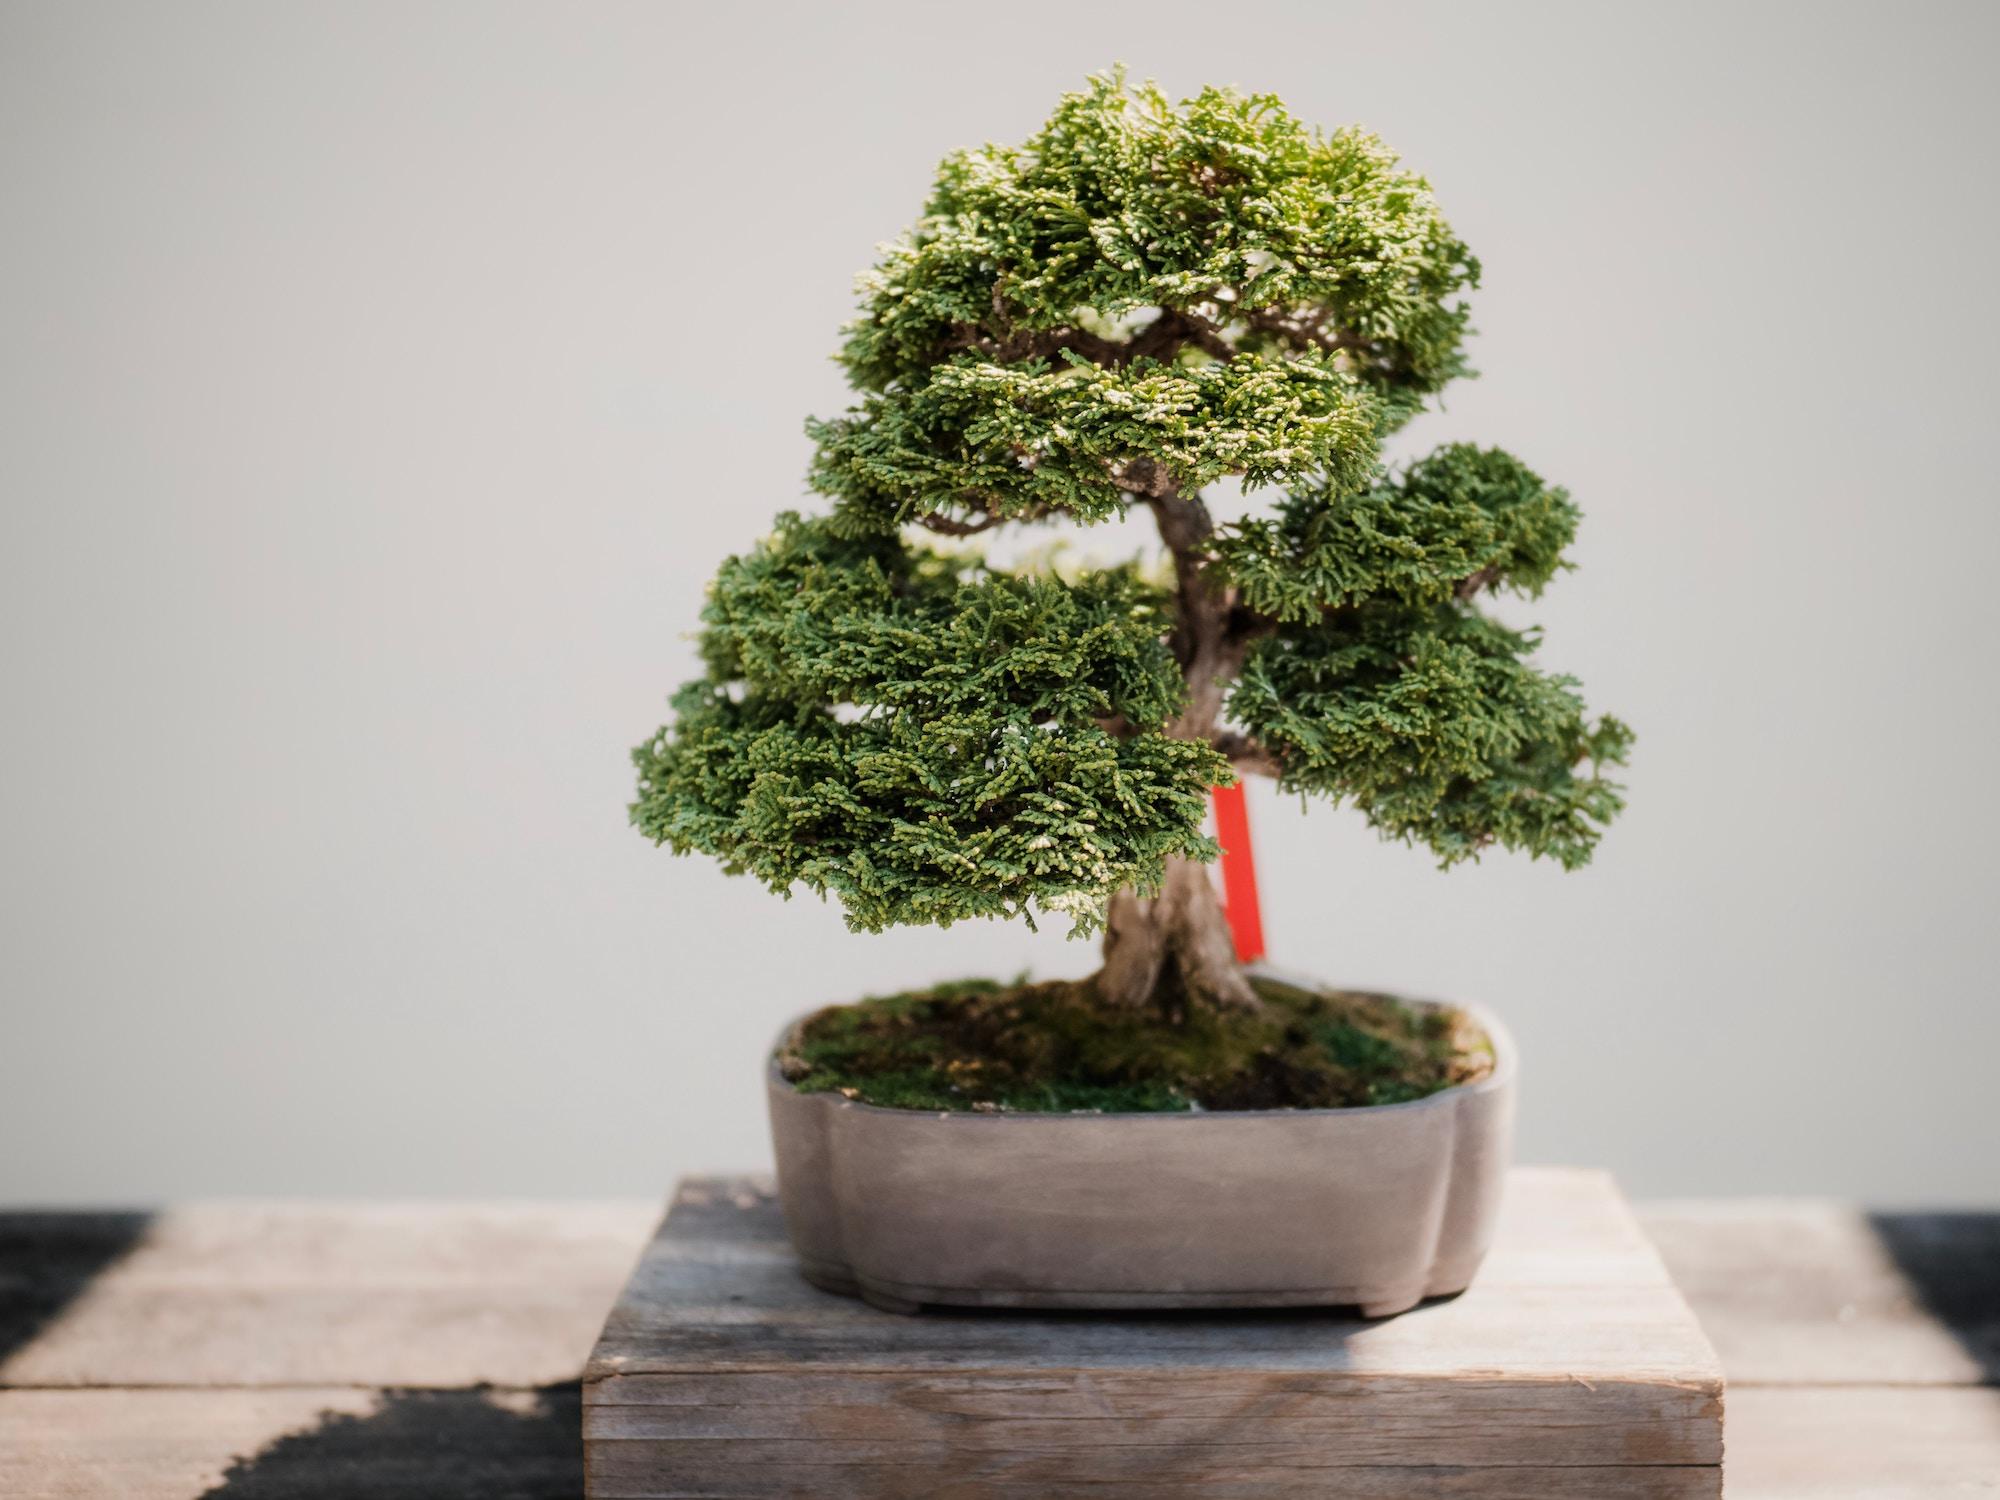 Зелене дерево бізнесу — 17 уроків для менеджера від CEO Rakuten